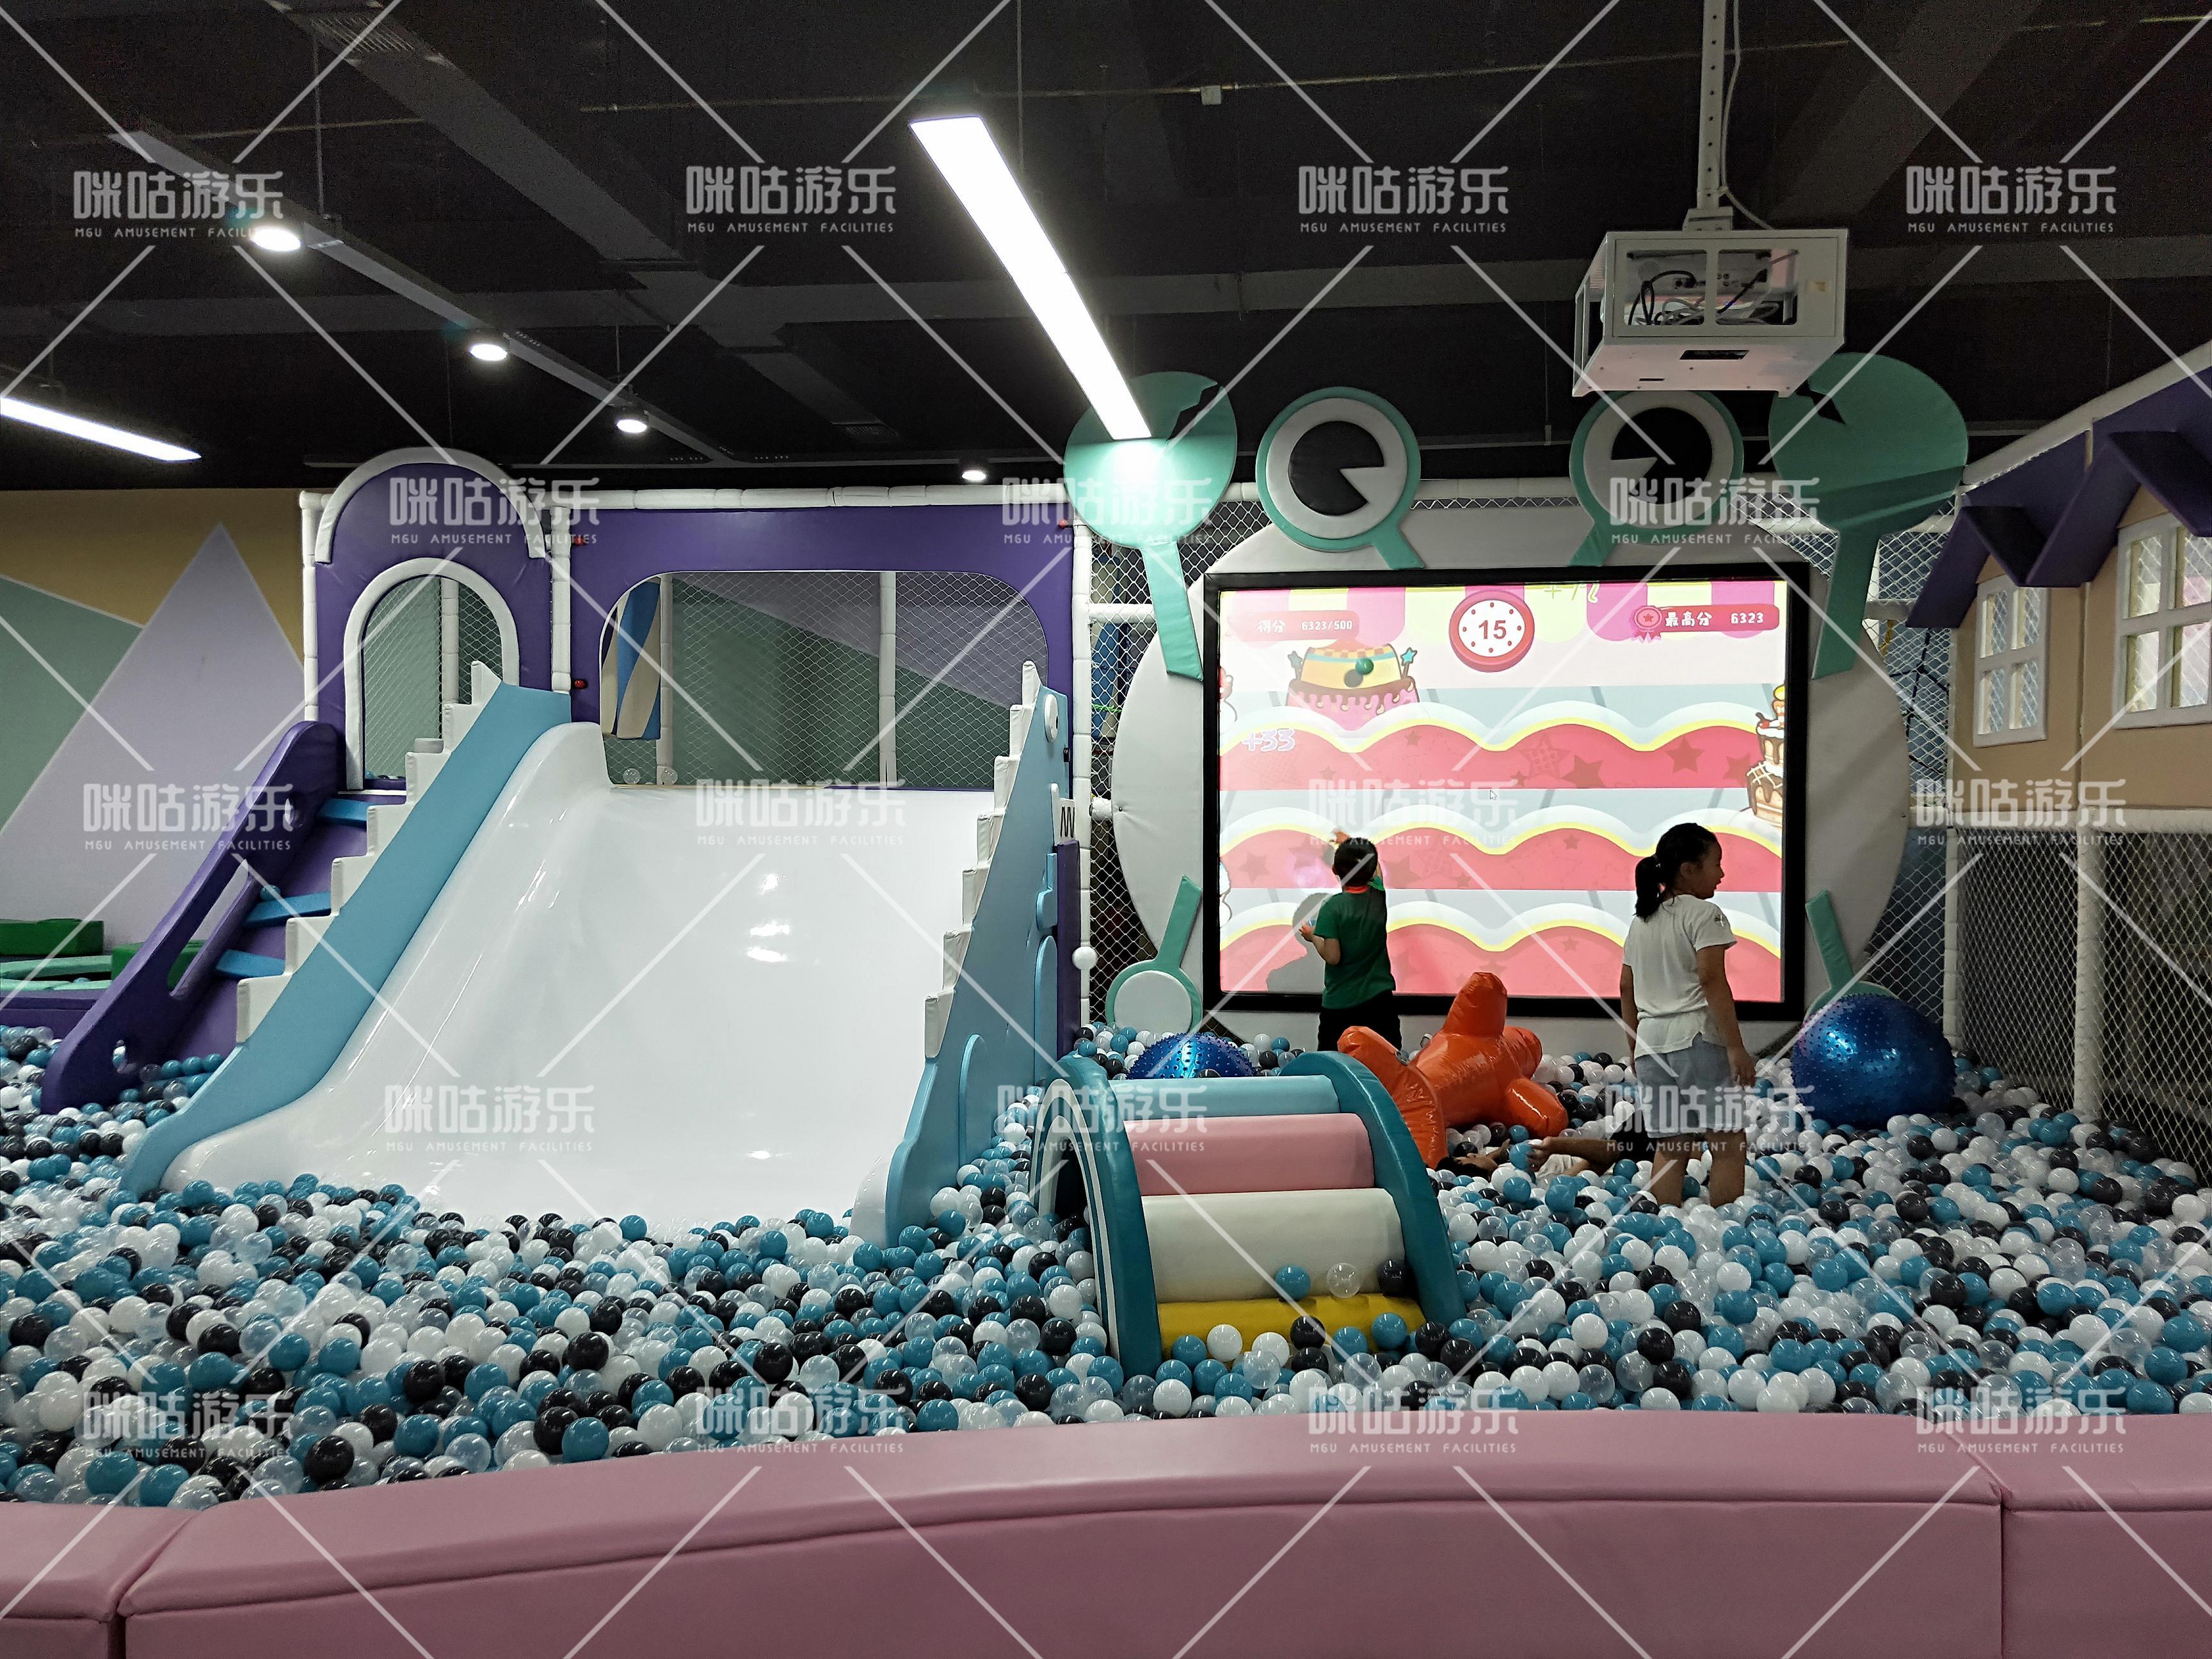 微信图片_20200429155852.jpg 晋城怎么提高乐园竞争力? 加盟资讯 游乐设备第2张